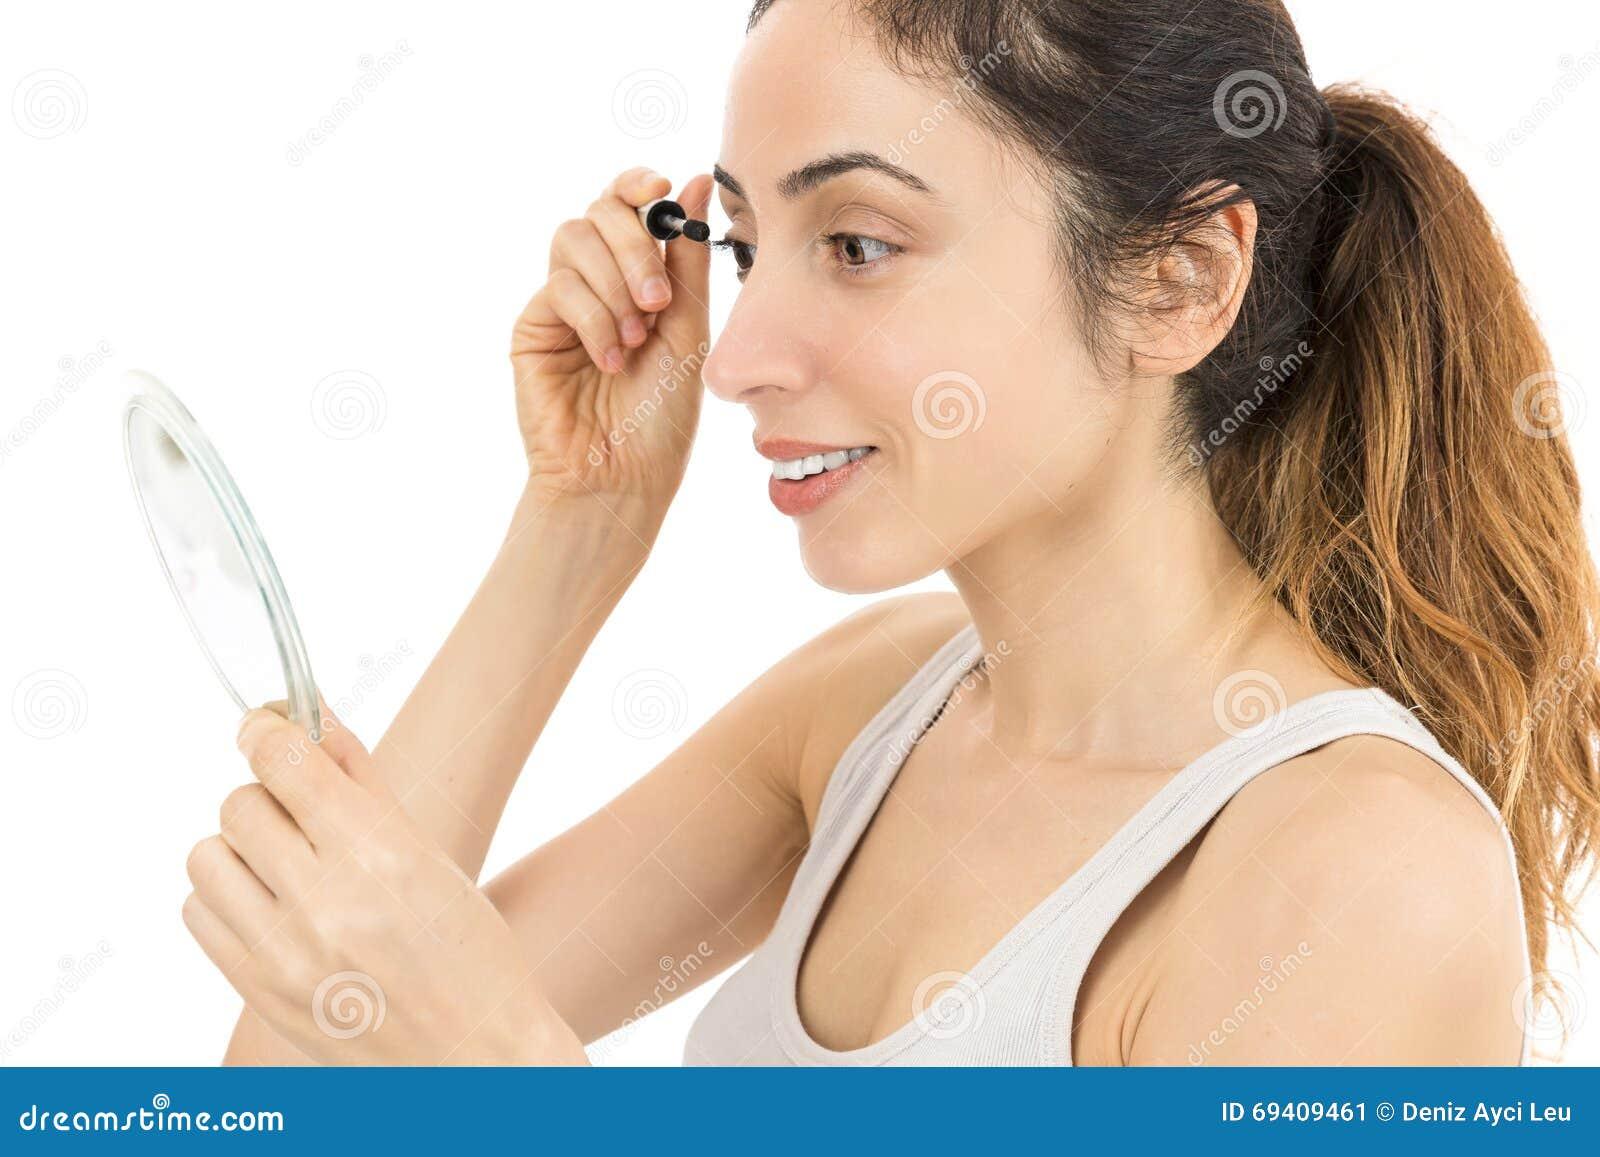 Kvinna som ser för att avspegla och applicerar mascara